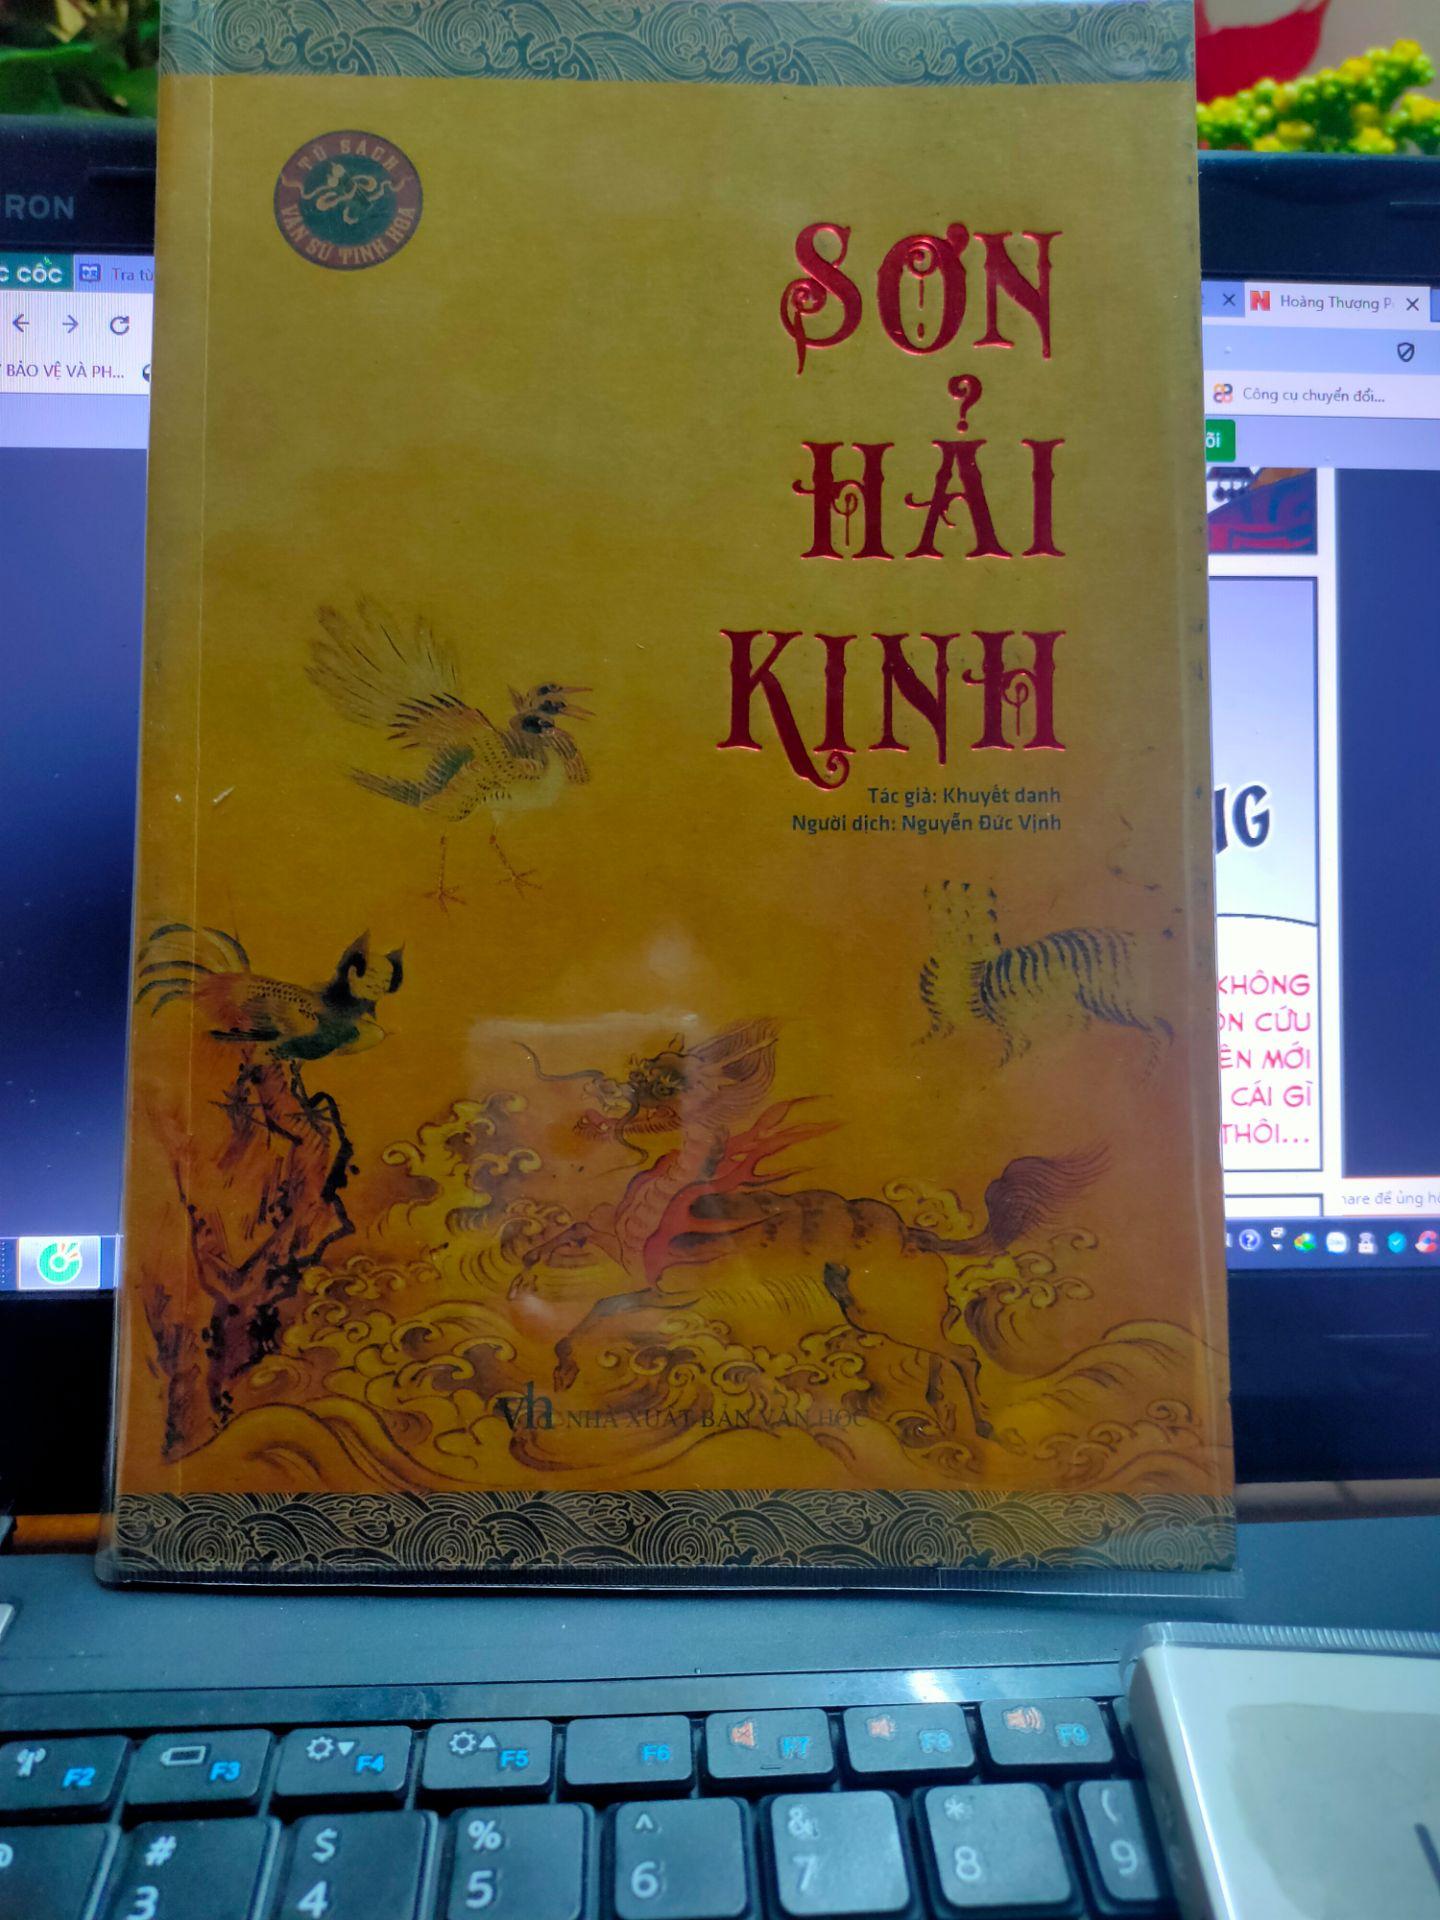 Sơn Hải Kinh – Nguyễn Đức Vịnh